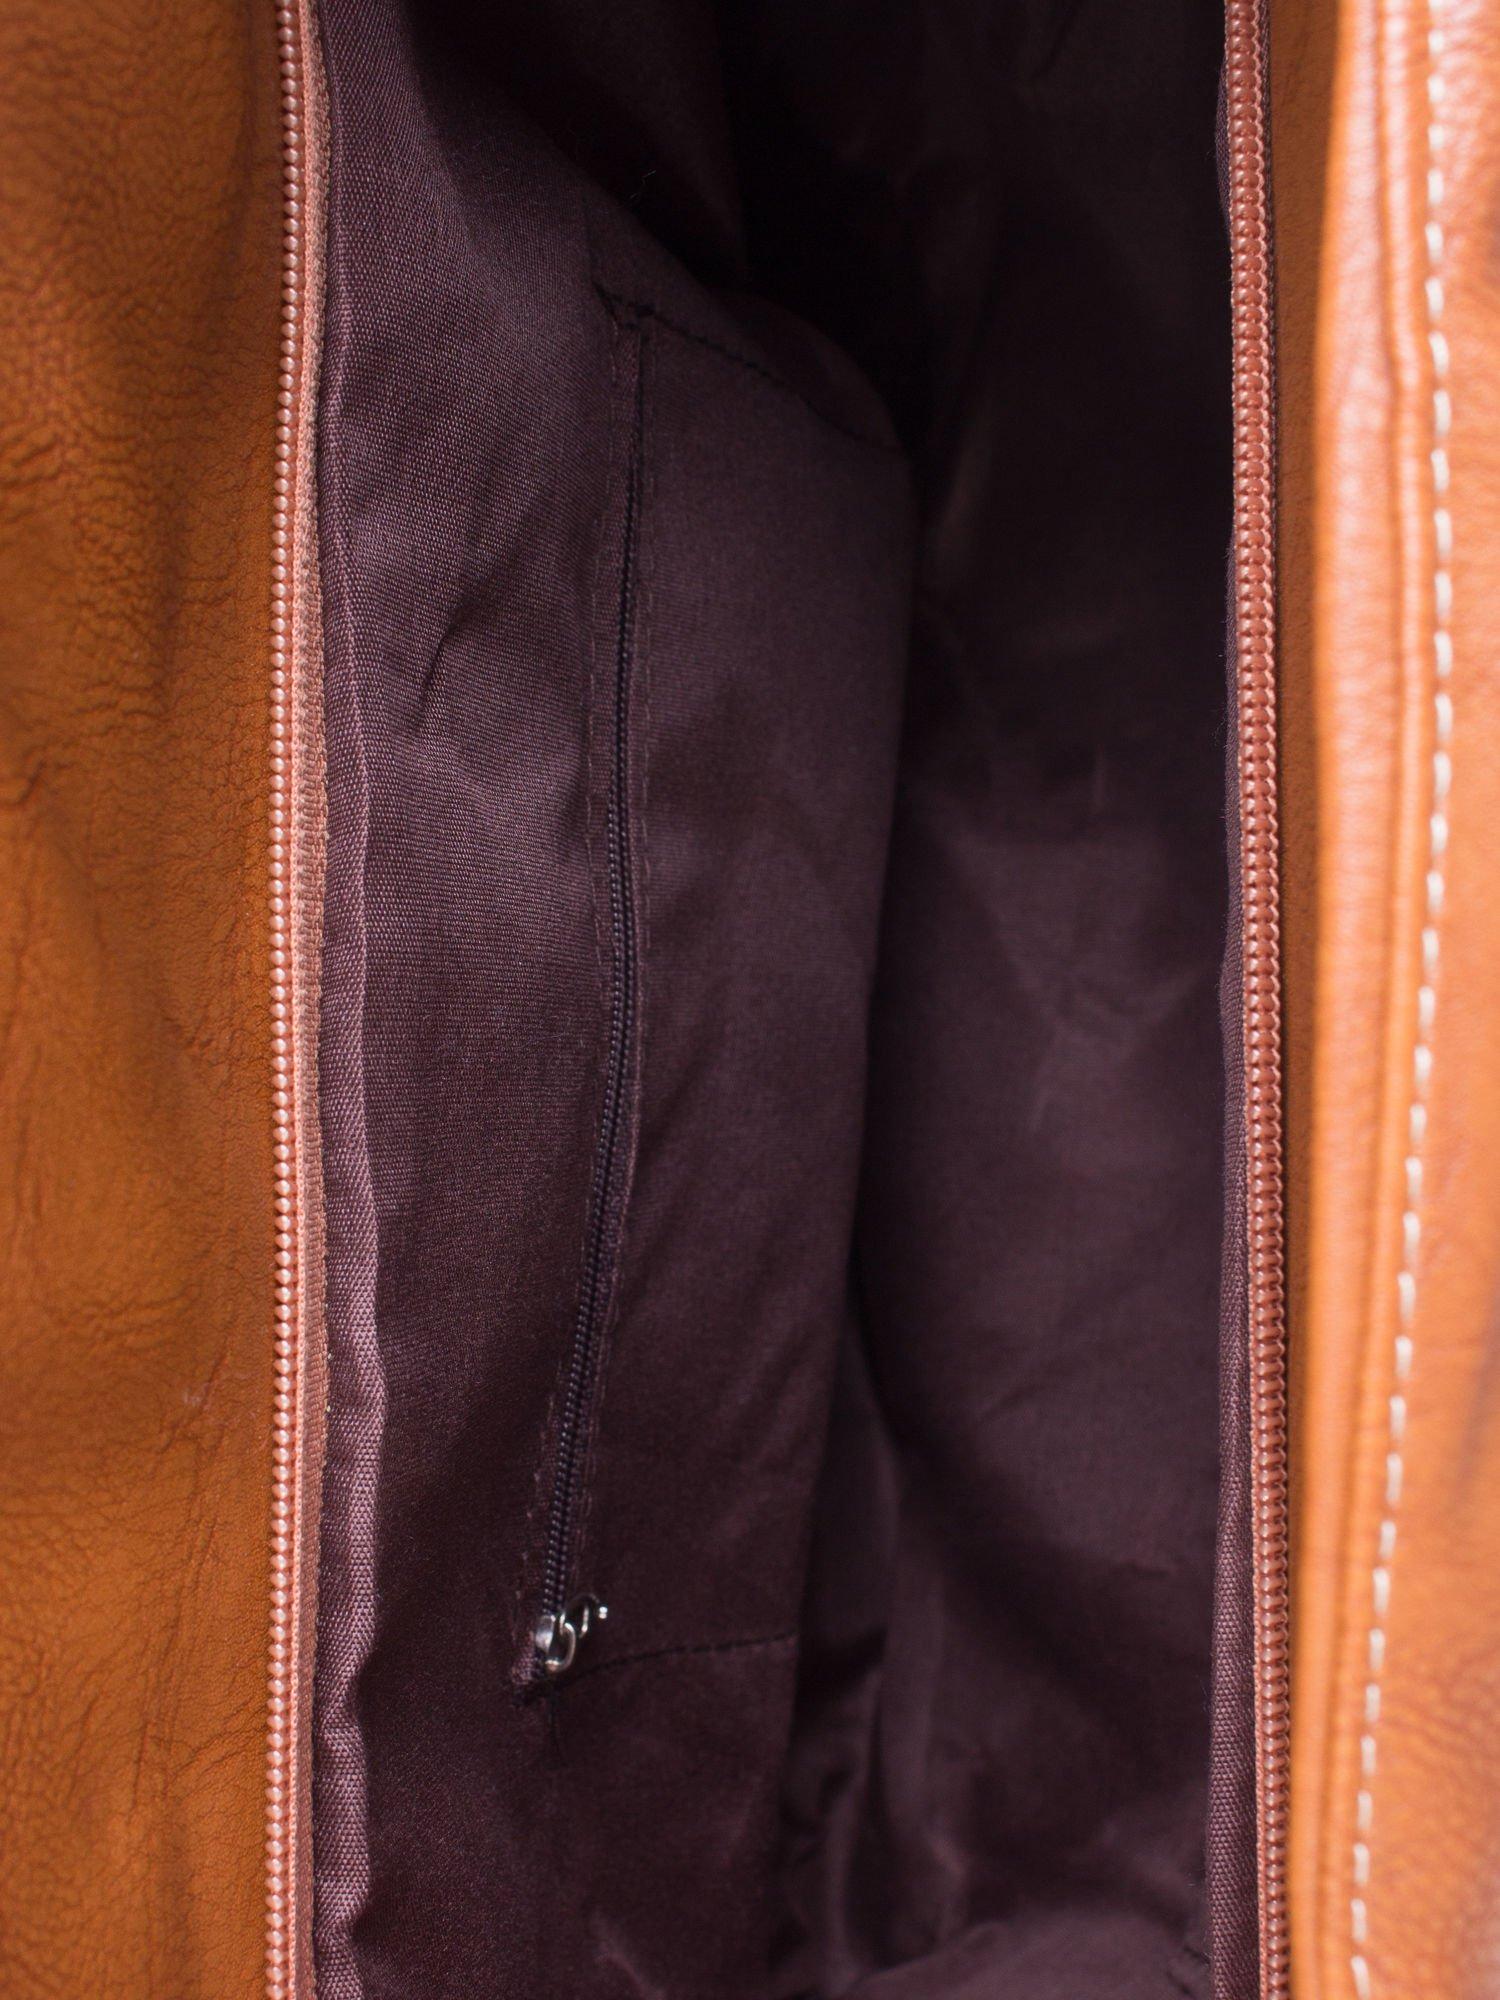 Brązowa torba miejska z klapką                                  zdj.                                  4